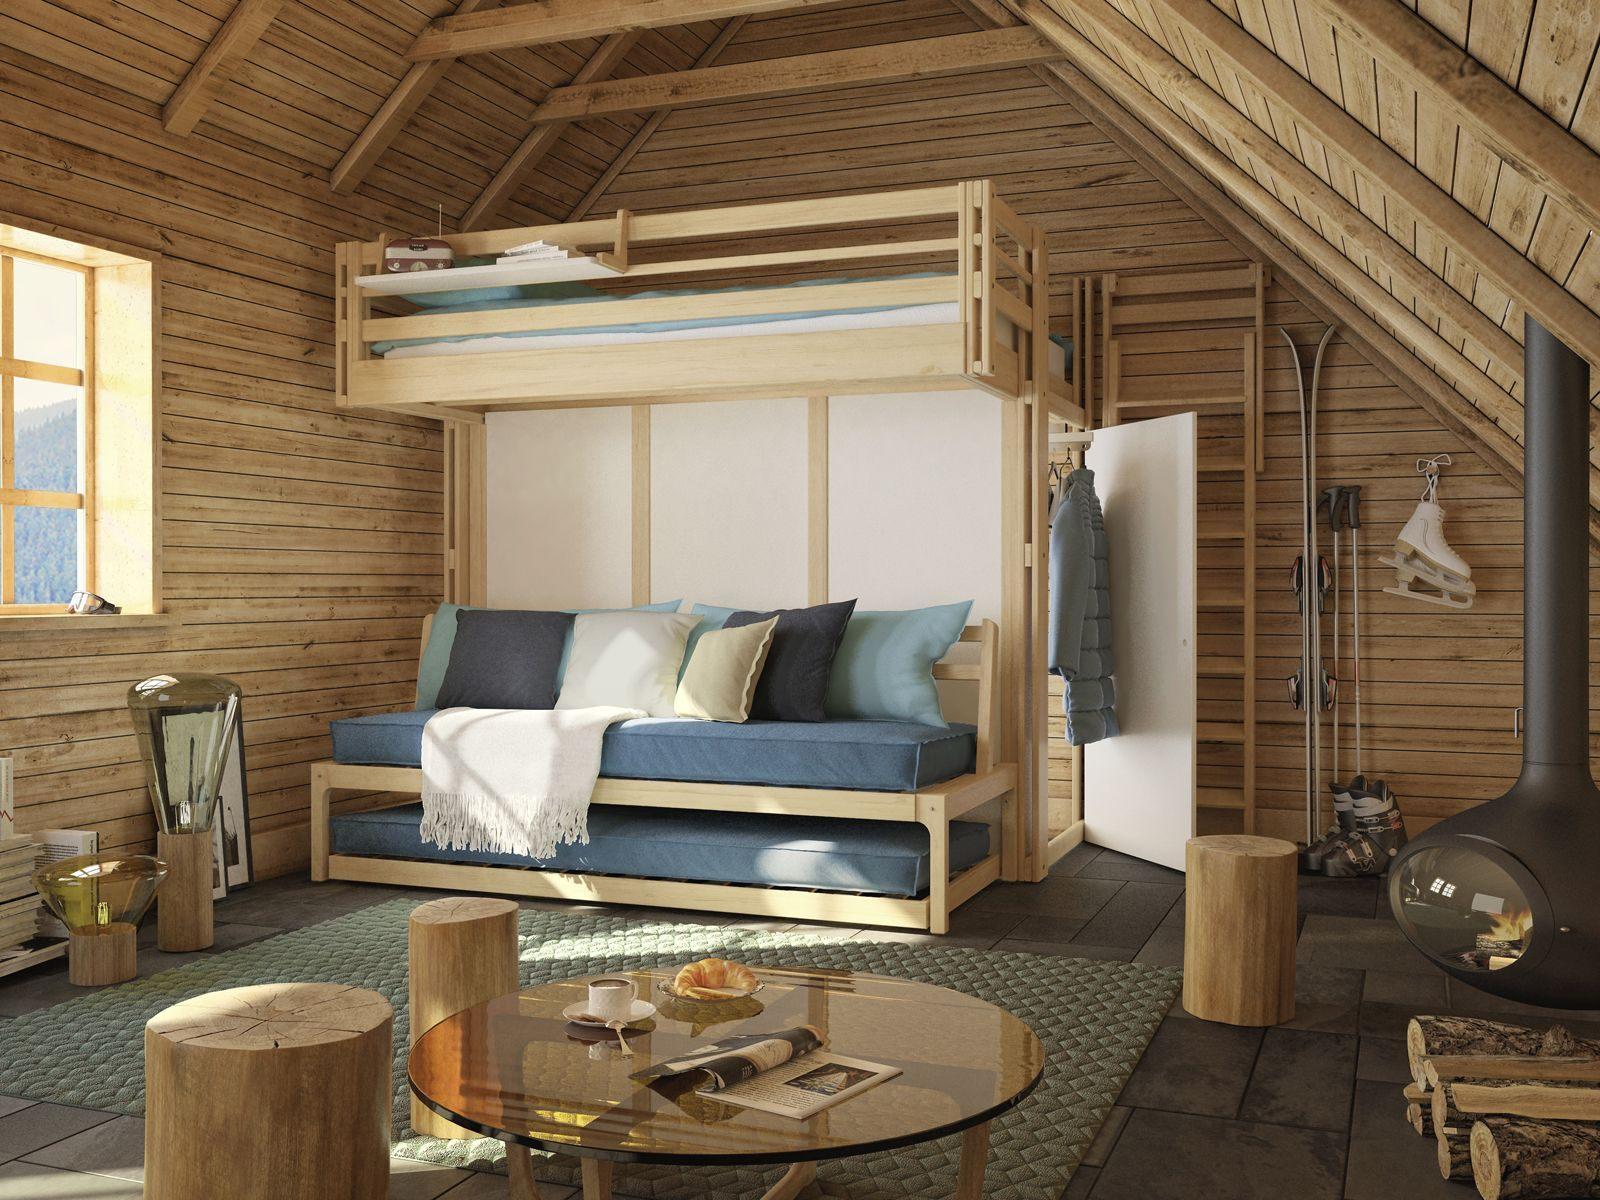 Lit Mezzanine Cabane Bel épinglé Par Espace Loggia Sur Lits Mezzanine En 2019